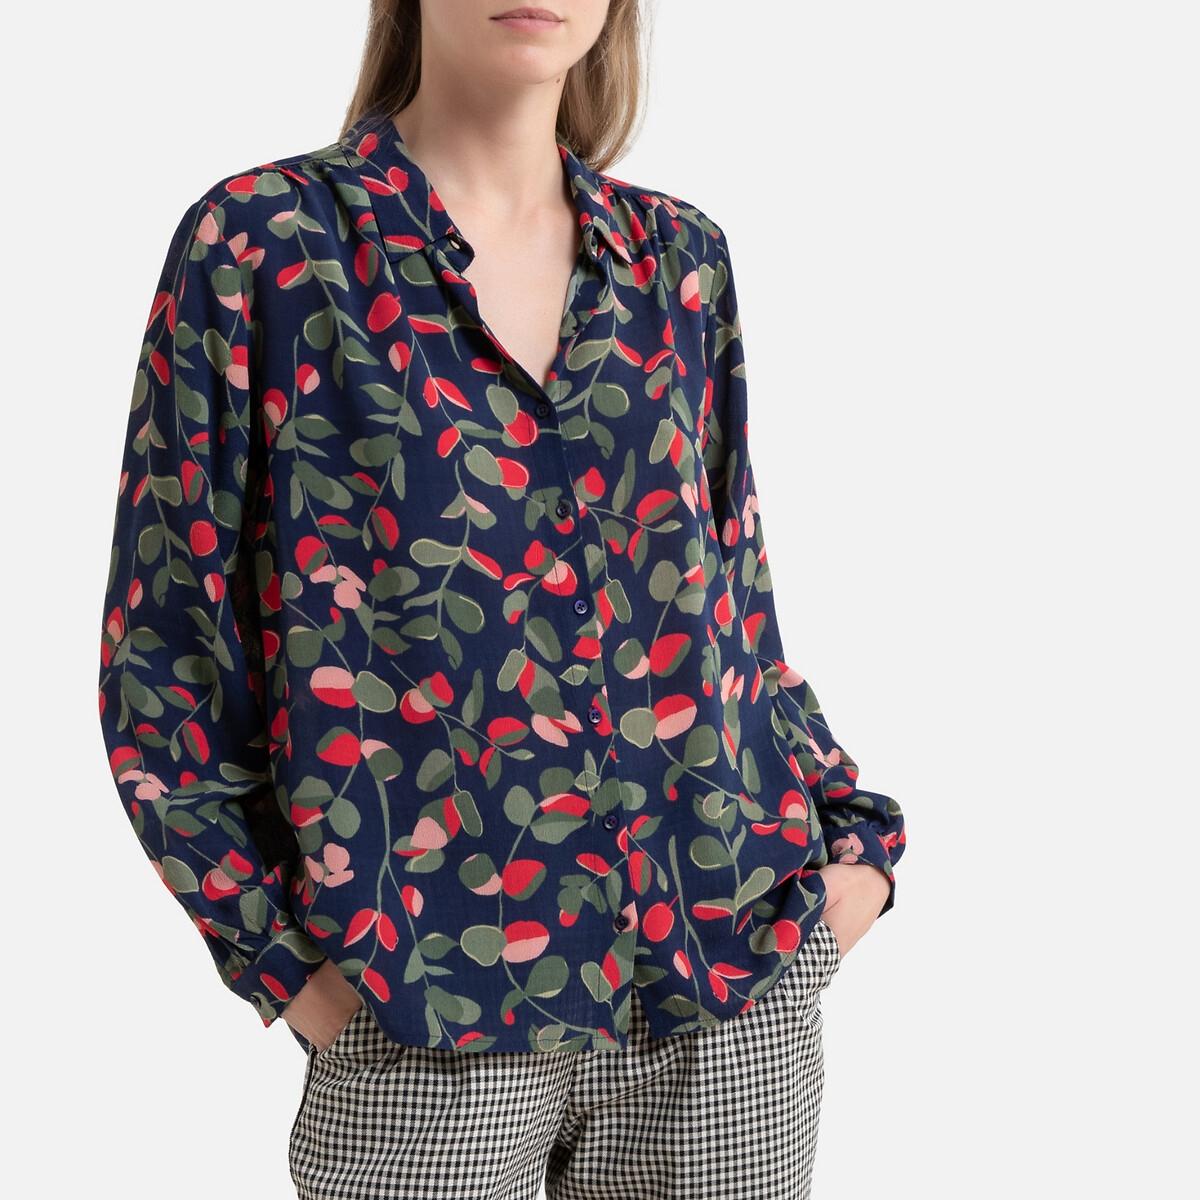 Фото - Блузка LaRedoute С рисунком и длинными рукавами 42 (FR) - 48 (RUS) синий блузка с рисунком и длинными рукавами для периода беременности